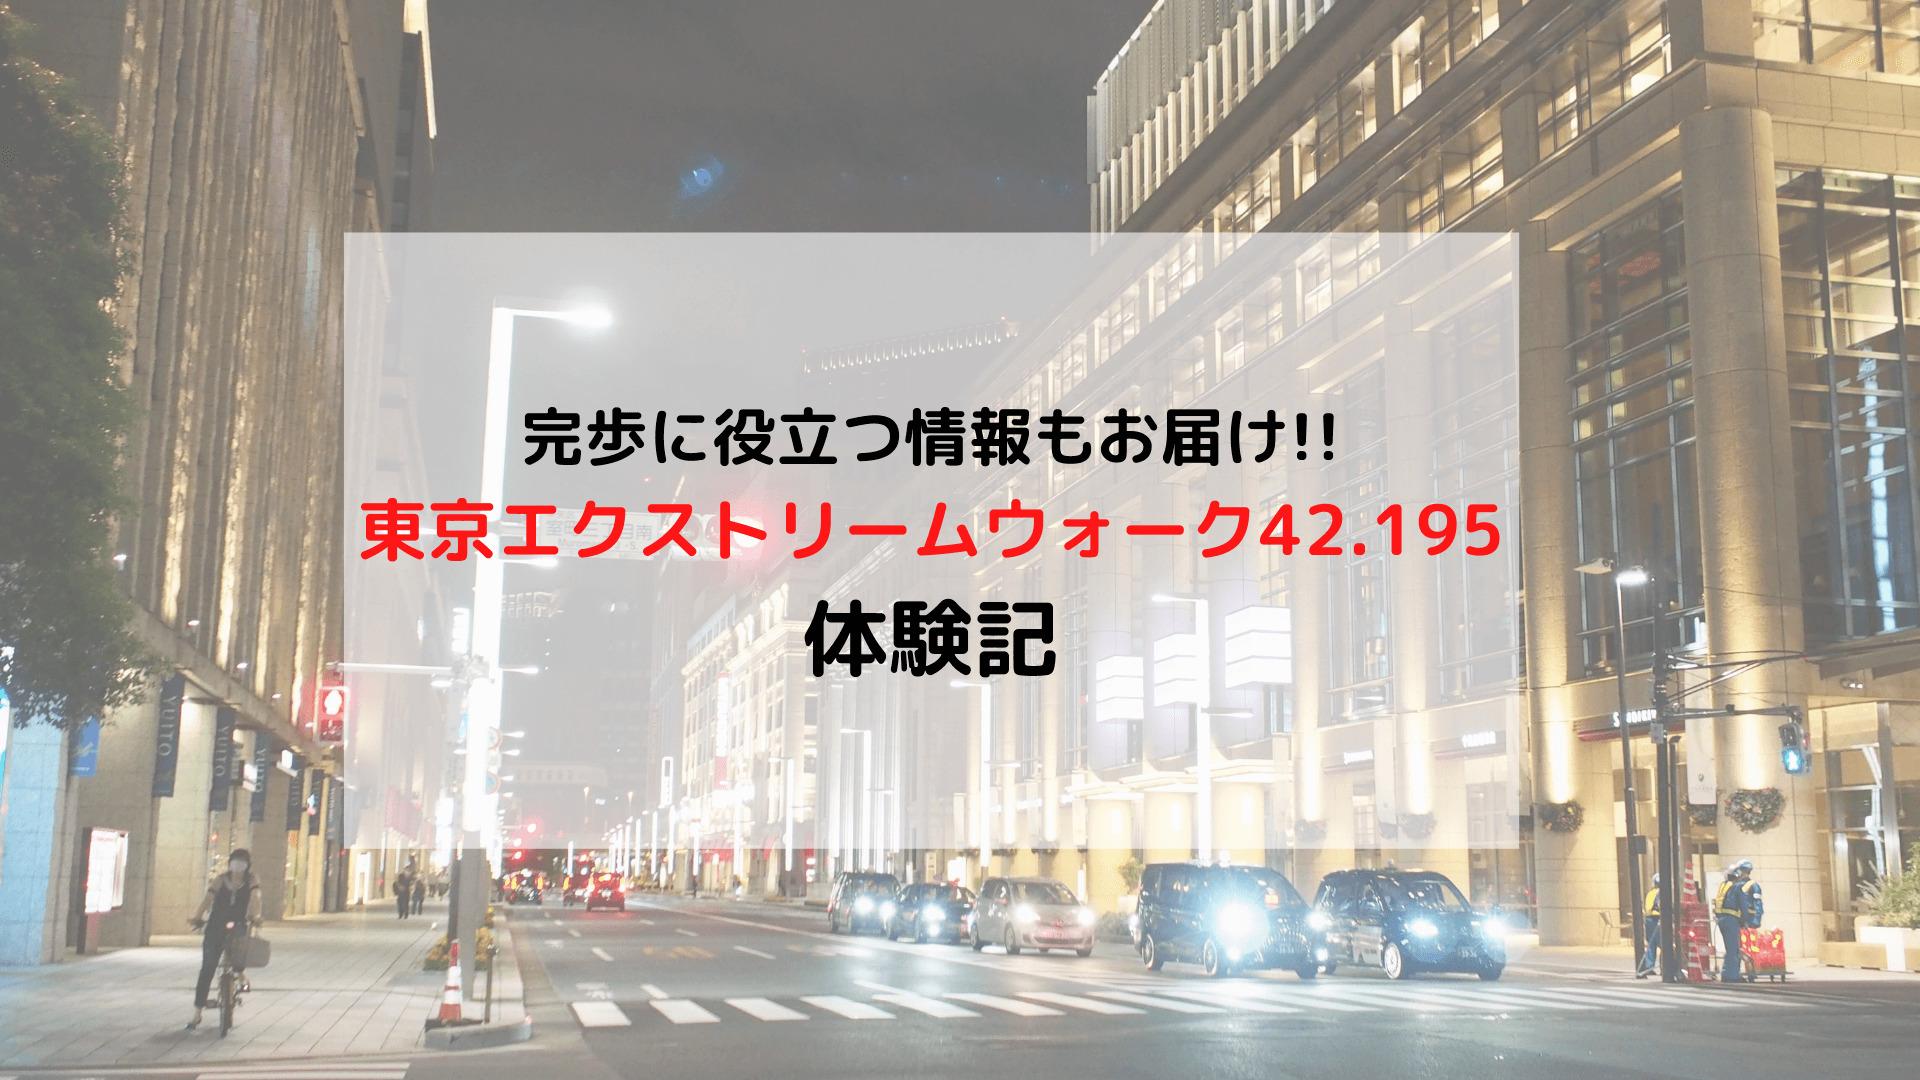 「東京エクストリームウォーク42.195 OVERNIGHT」体験記+完歩お役立ち情報まとめ